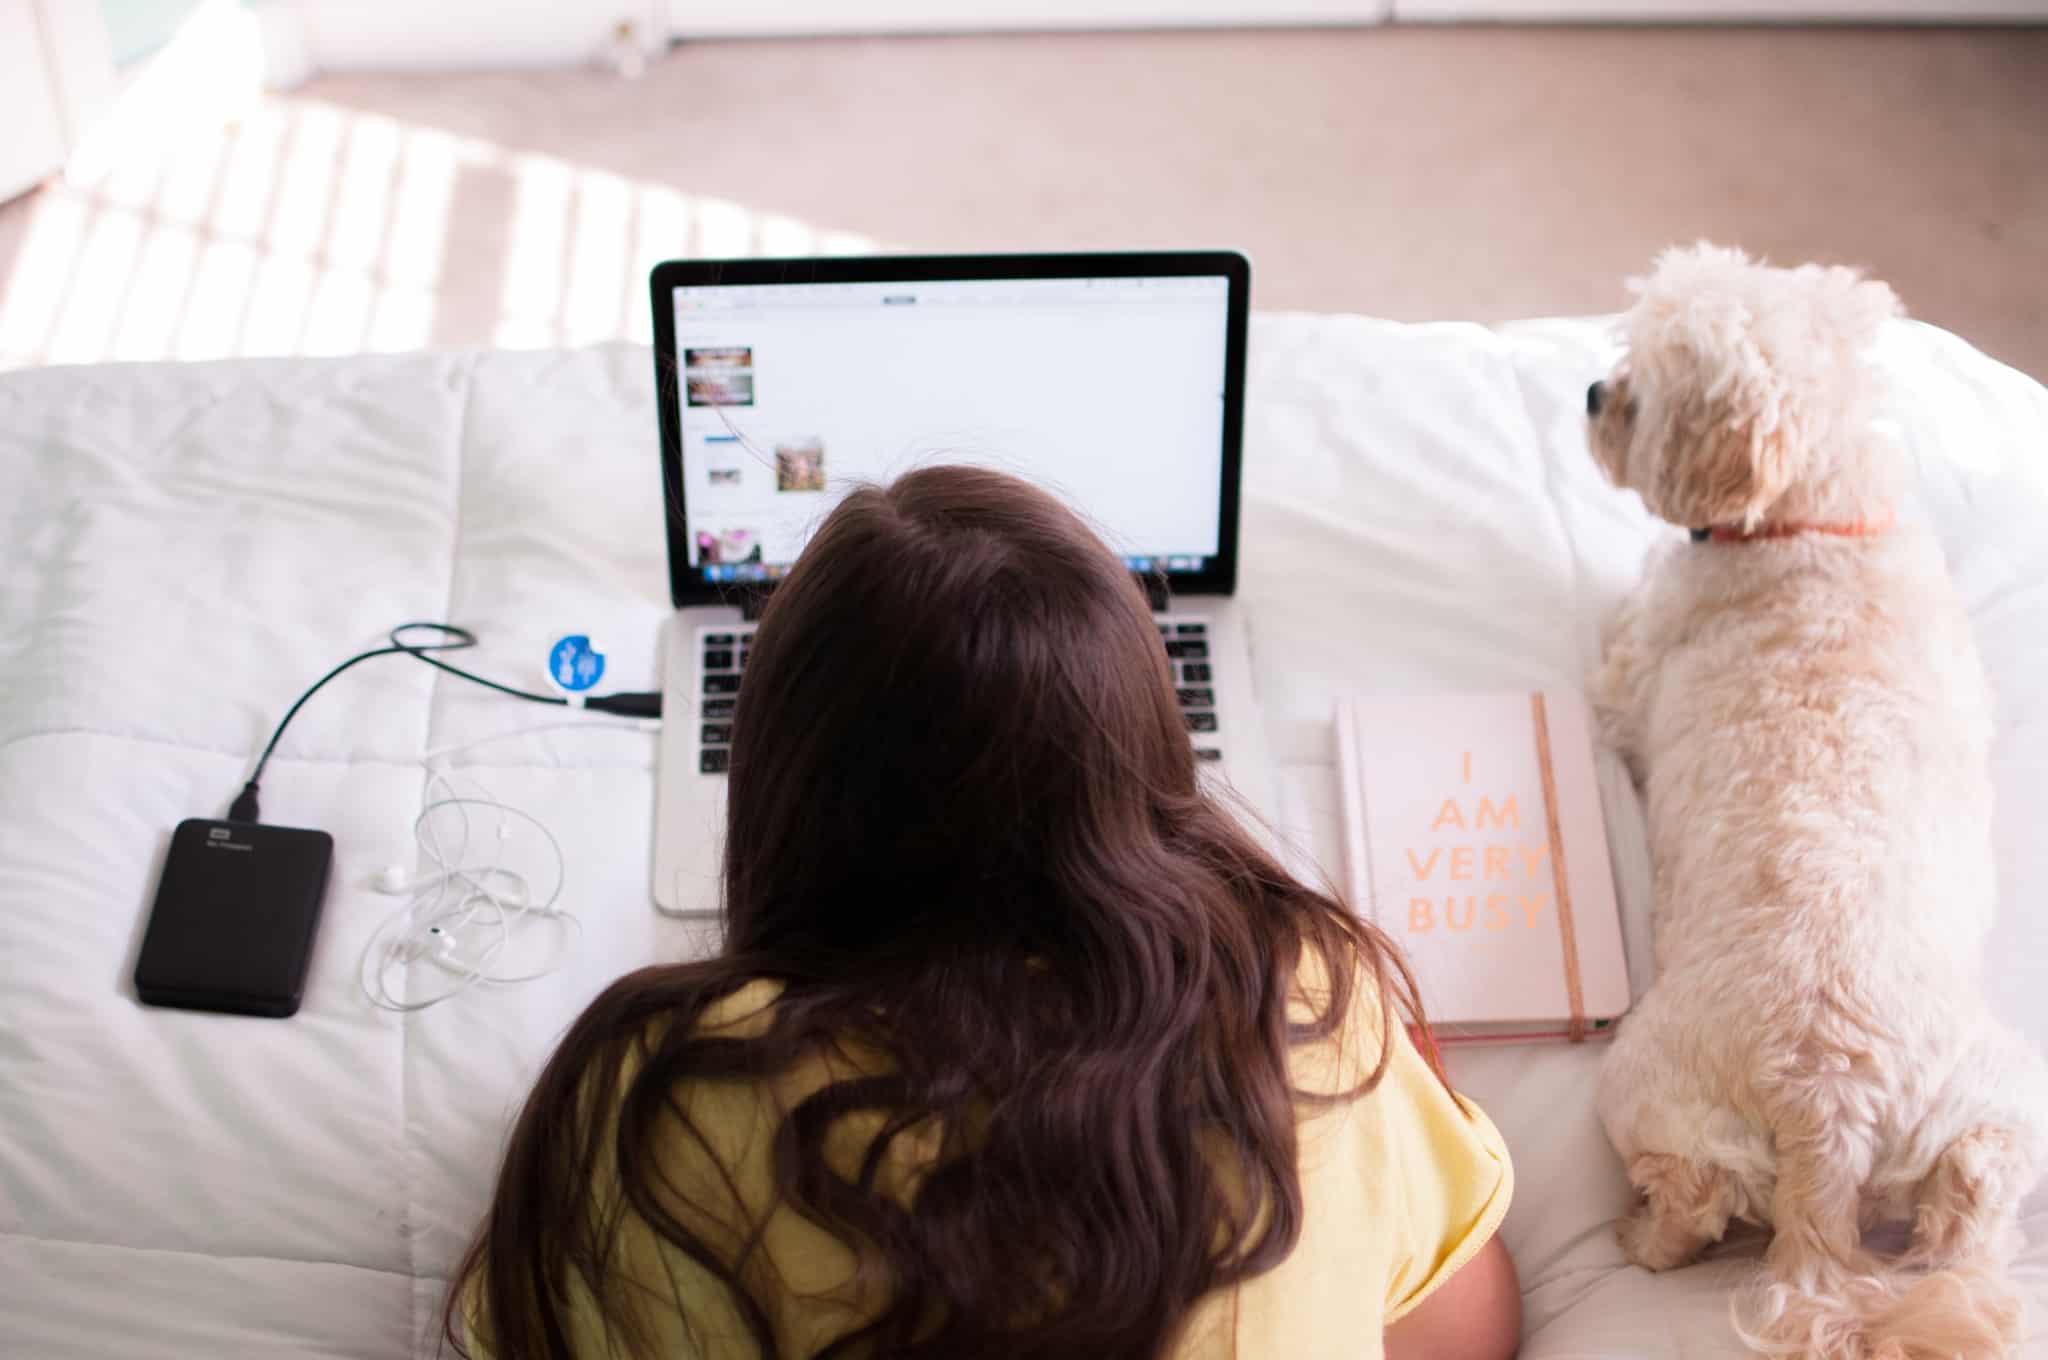 rapariga deitada na cama com o computador aberto e o cão ao lado